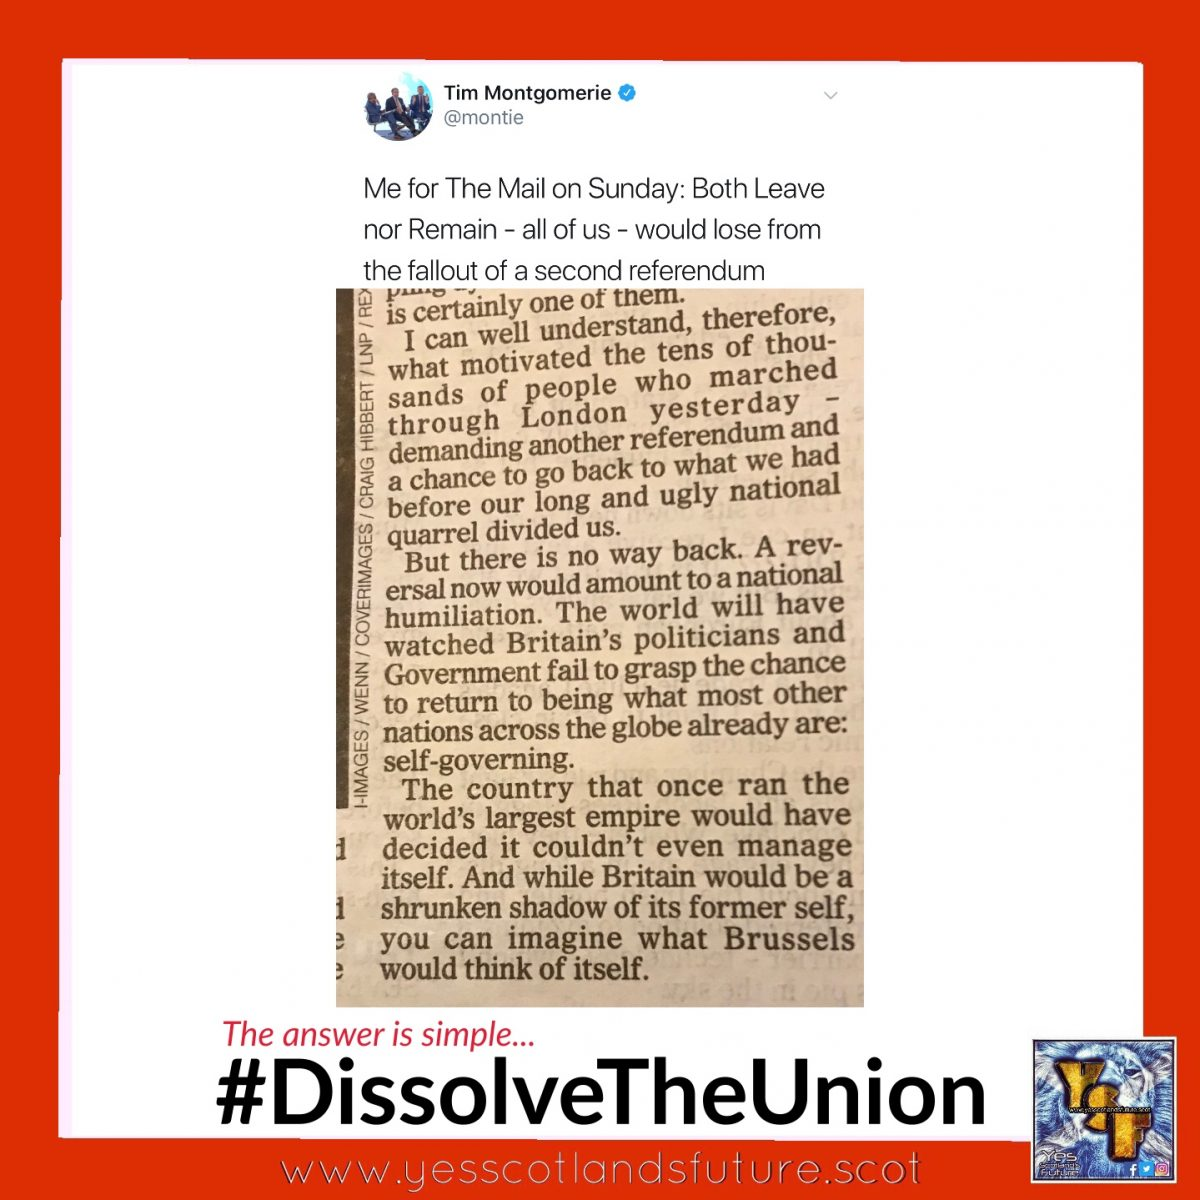 Dissolve The Union